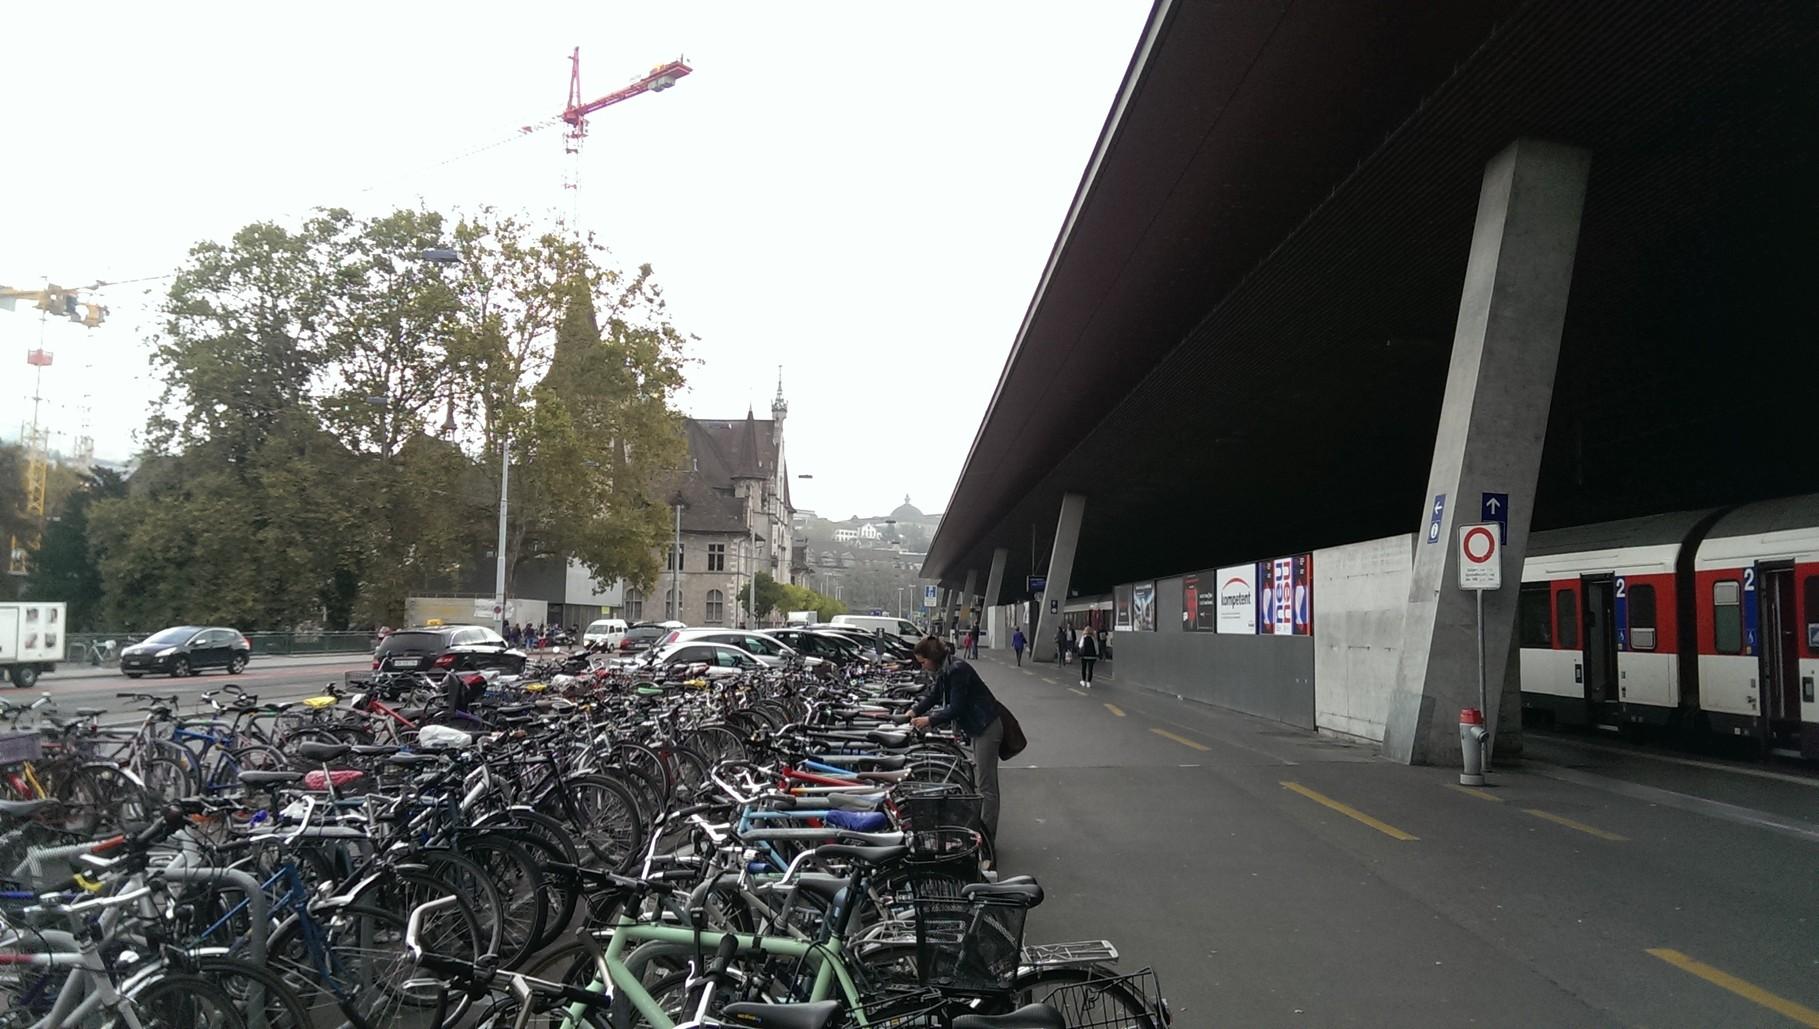 Zürich Hbf